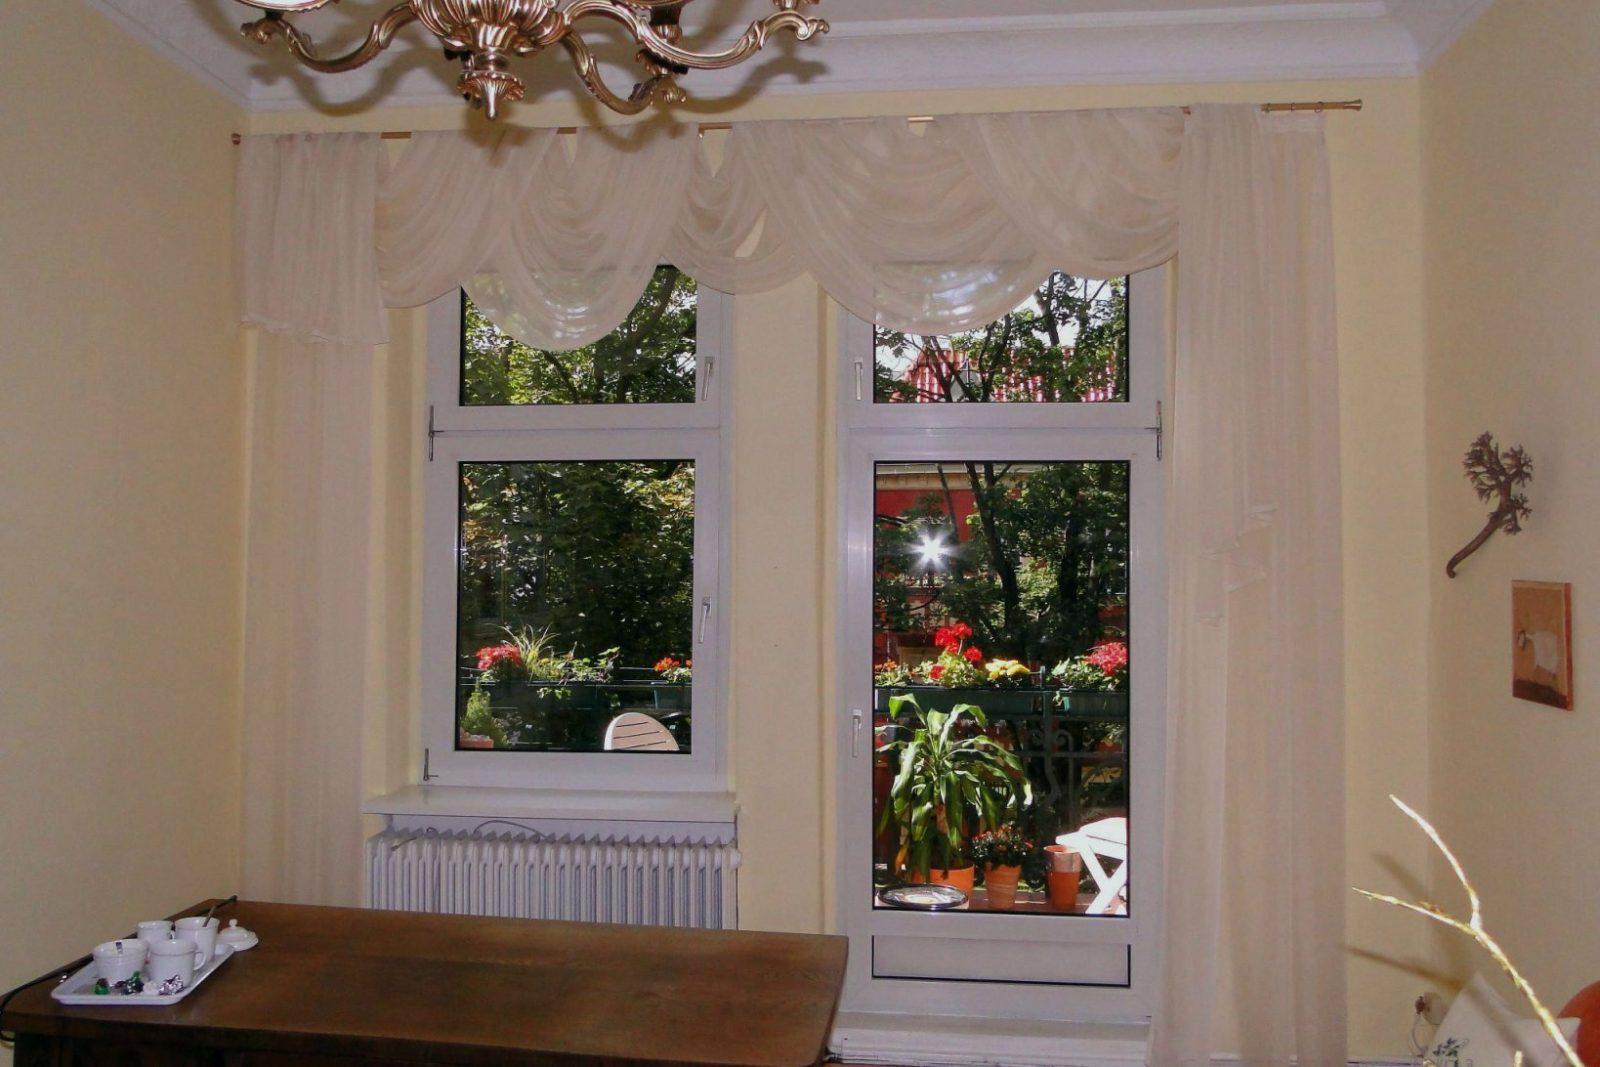 Fenster Dekorieren Ohne Gardinen Schön Und Wunderbar Kreativ von Fenster Ohne Gardinen Dekorieren Photo